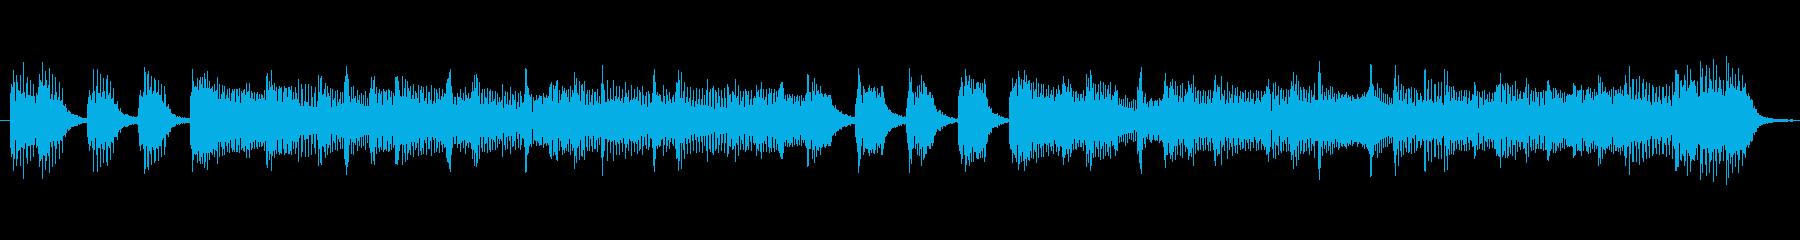 TVラジオ用。出囃子入場ピアノバイオリンの再生済みの波形